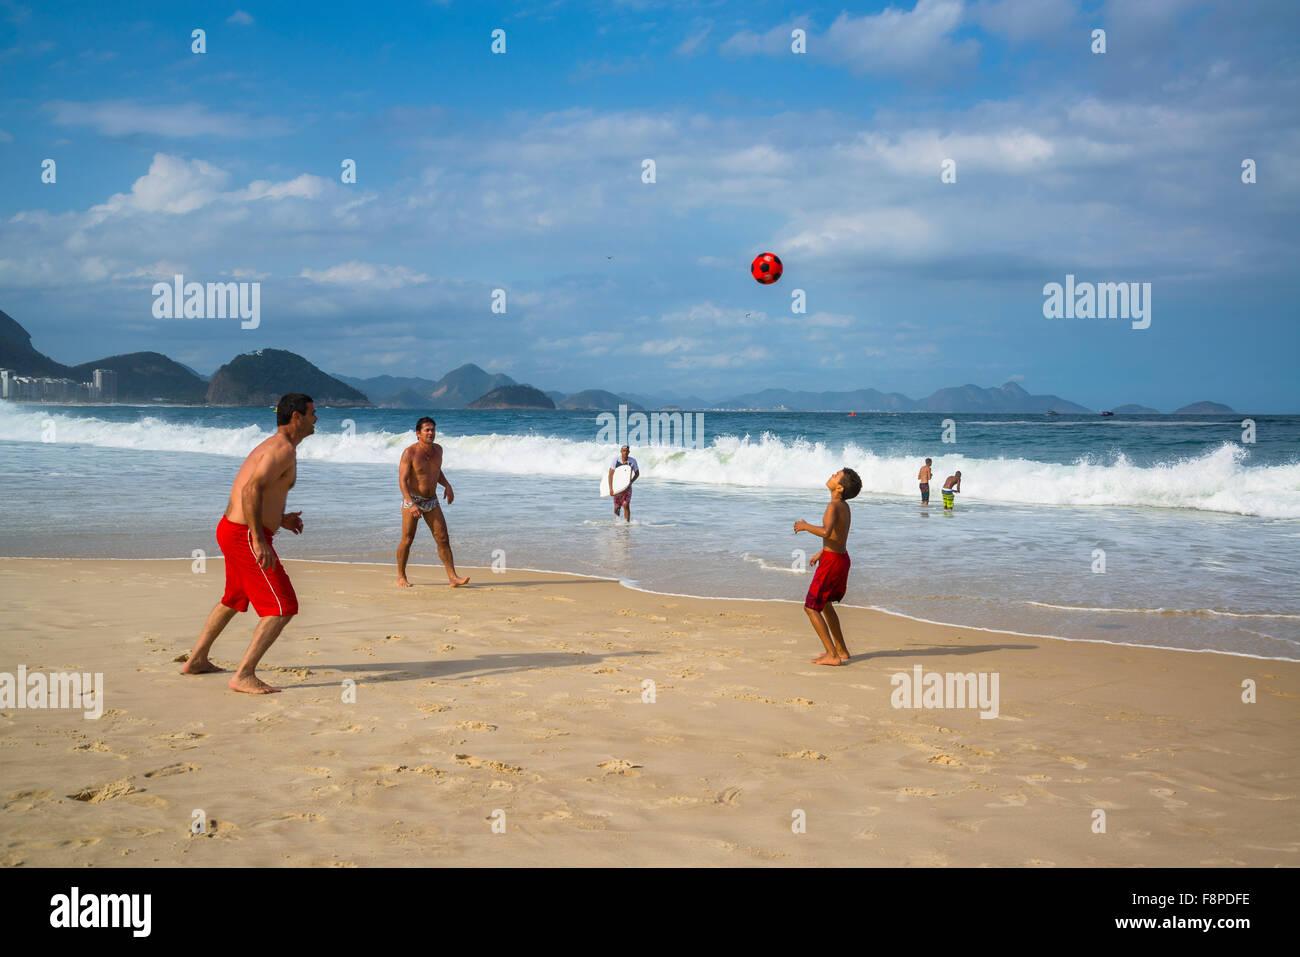 Copacabana Beach, Playing football, Rio de Janeiro, Brazil Stock Photo